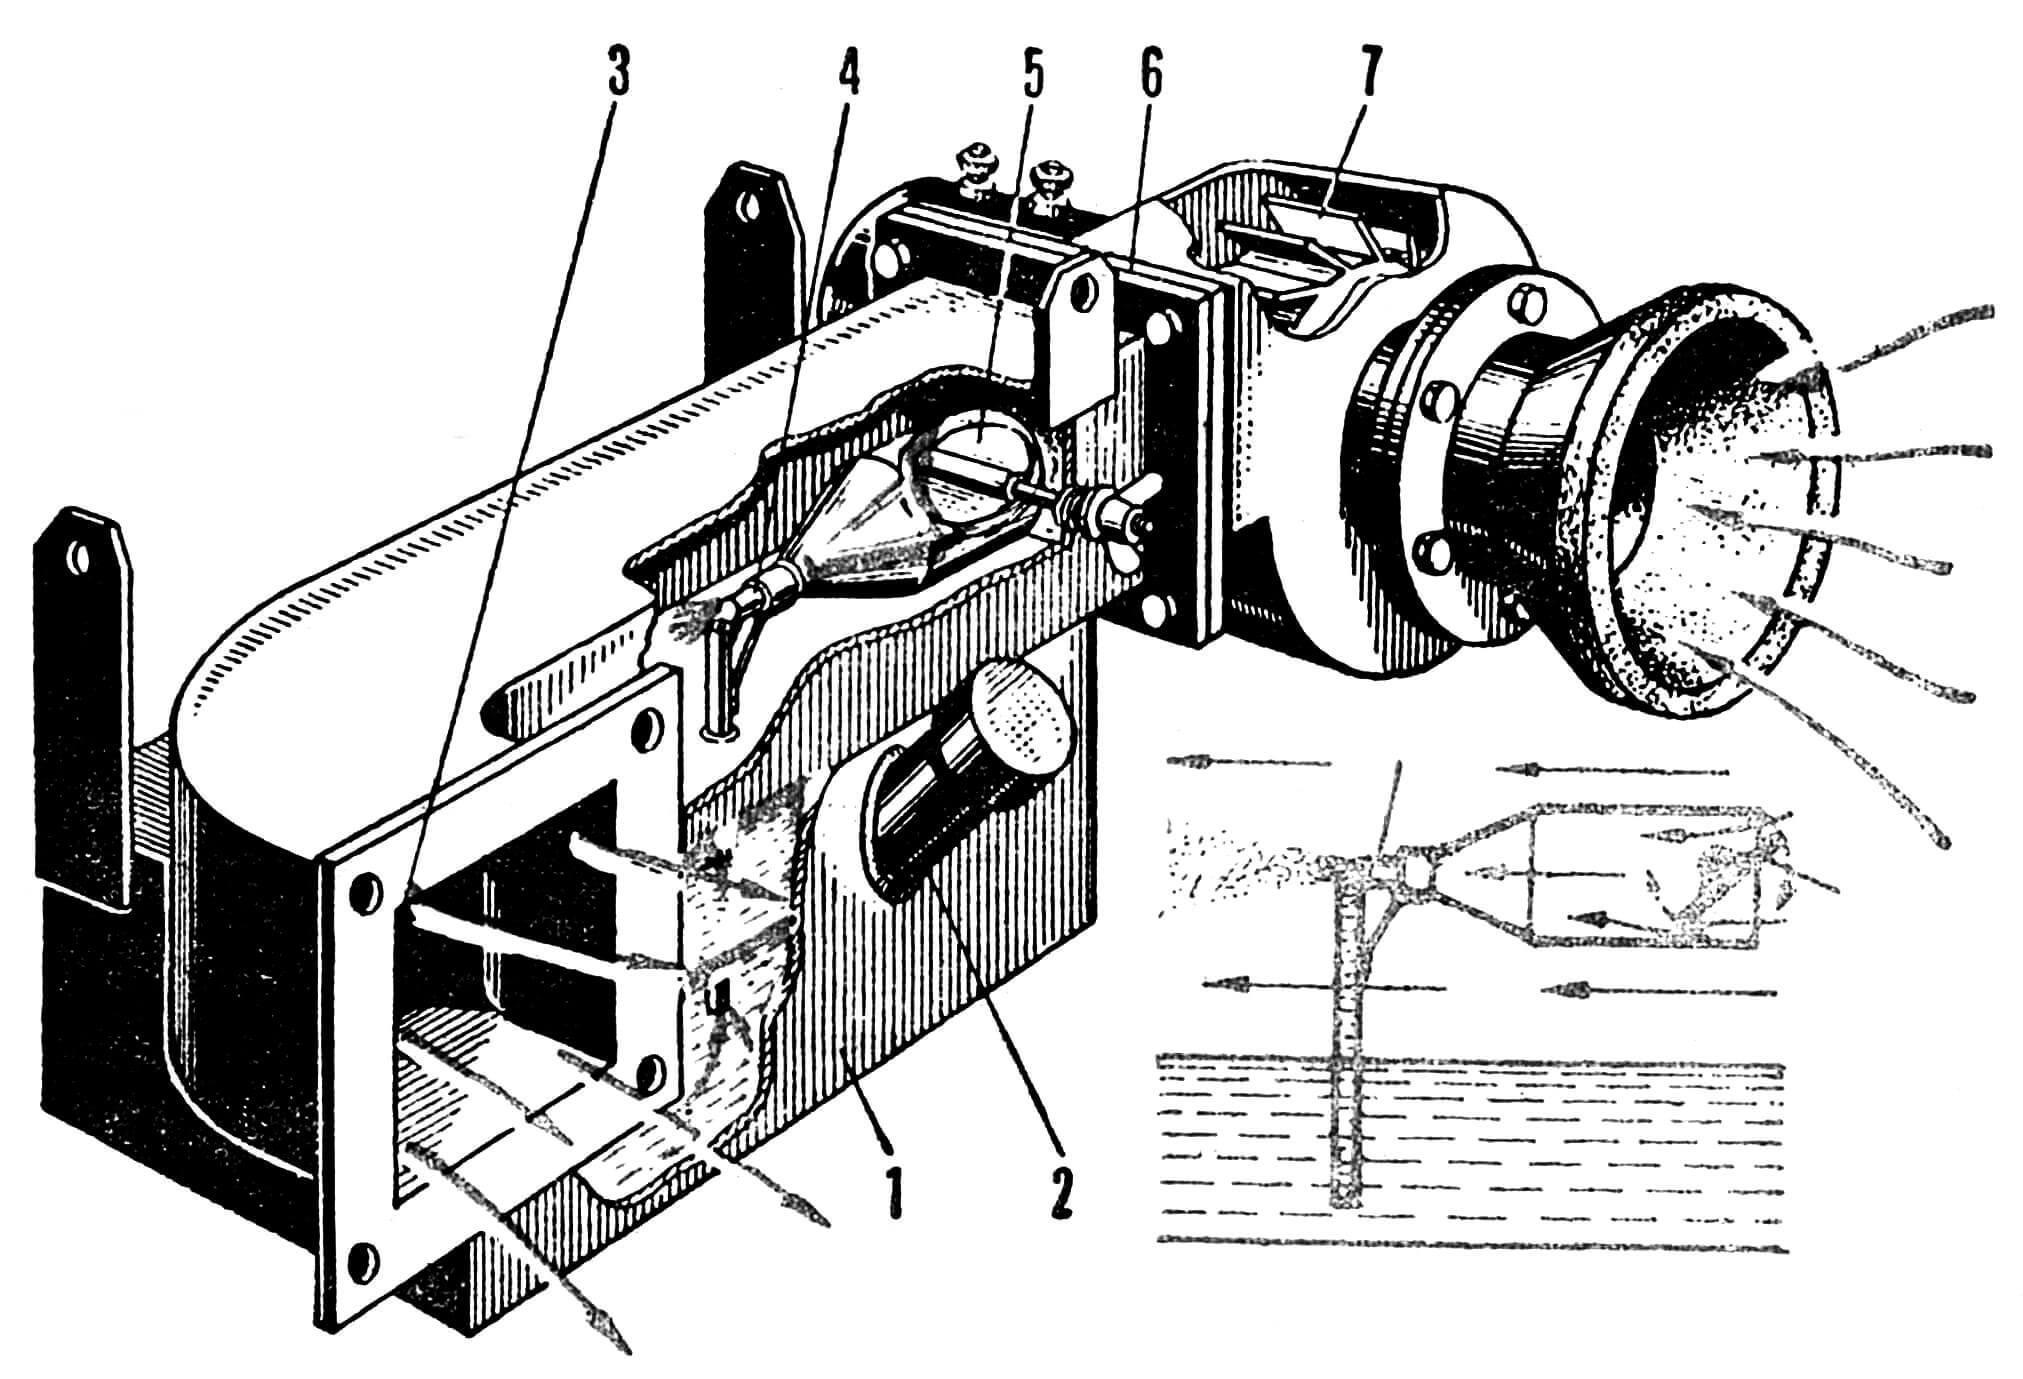 РИС. 2. ИСПАРИТЕЛЬНАЯ УСТАНОВКА С ПУЛЬВЕРИЗАТОРОМ: 1 — бак с водой; 2 — заливная горловина; 3 — отверстия для выпуска воздуха; 4 — пульверизатор; 5 — заслонка пульверизатора; 6 — фланцевое соединение; 7 — вентилятор с мотором.